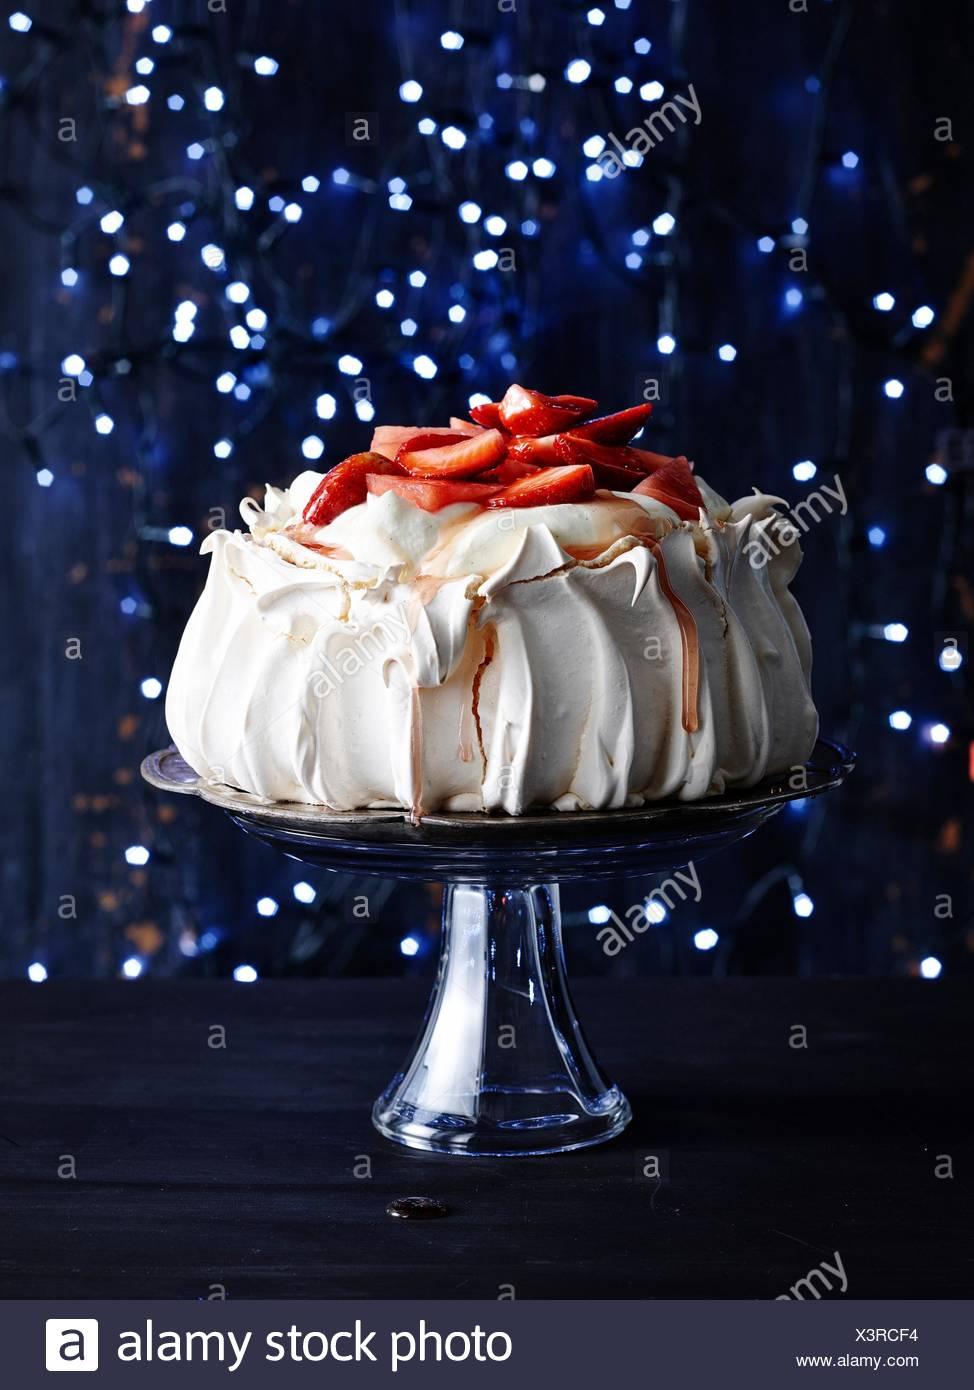 Fragole coperte pavlova sulla torta di vetro sostare di fronte vivace sfondo blu scuro Immagini Stock